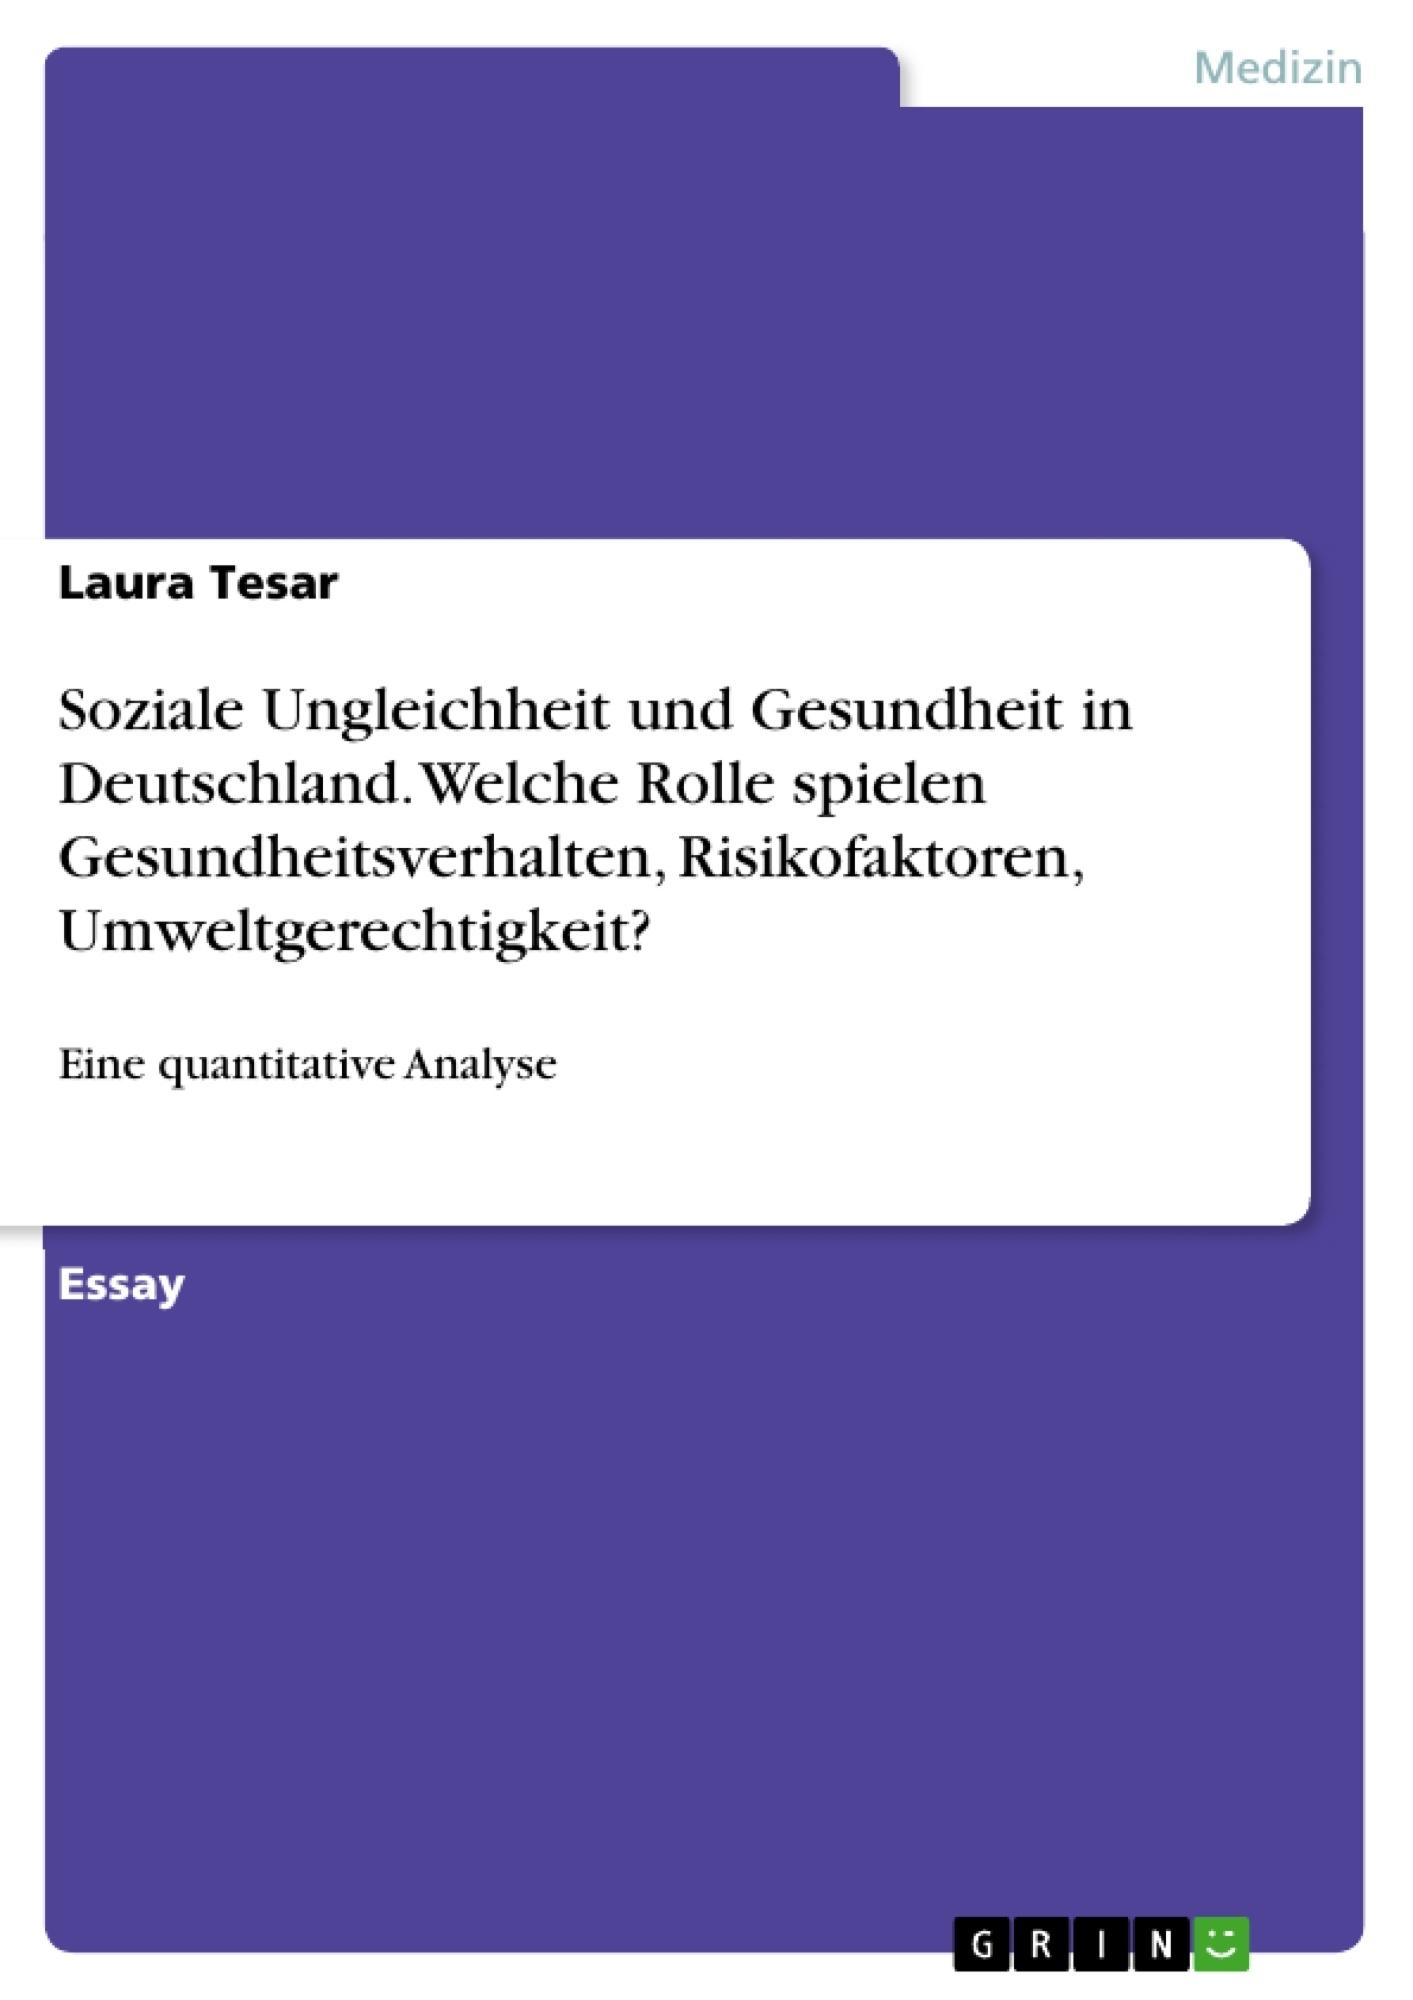 Titel: Soziale Ungleichheit und Gesundheit in Deutschland.  Welche Rolle spielen Gesundheitsverhalten, Risikofaktoren, Umweltgerechtigkeit?